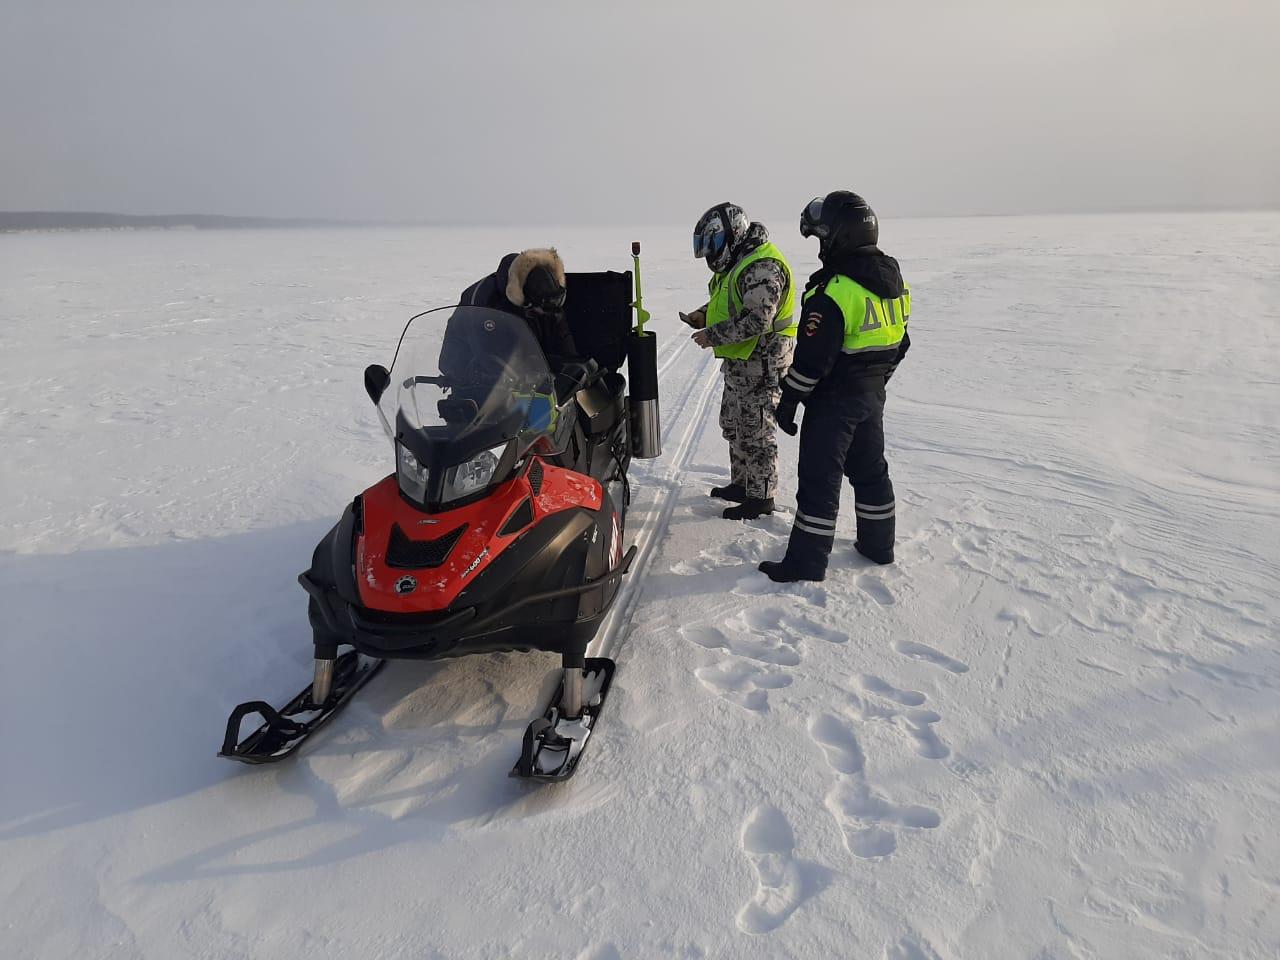 Более 60 нарушителей привлекли к ответственности в рамках операции «Снегоход-2021»